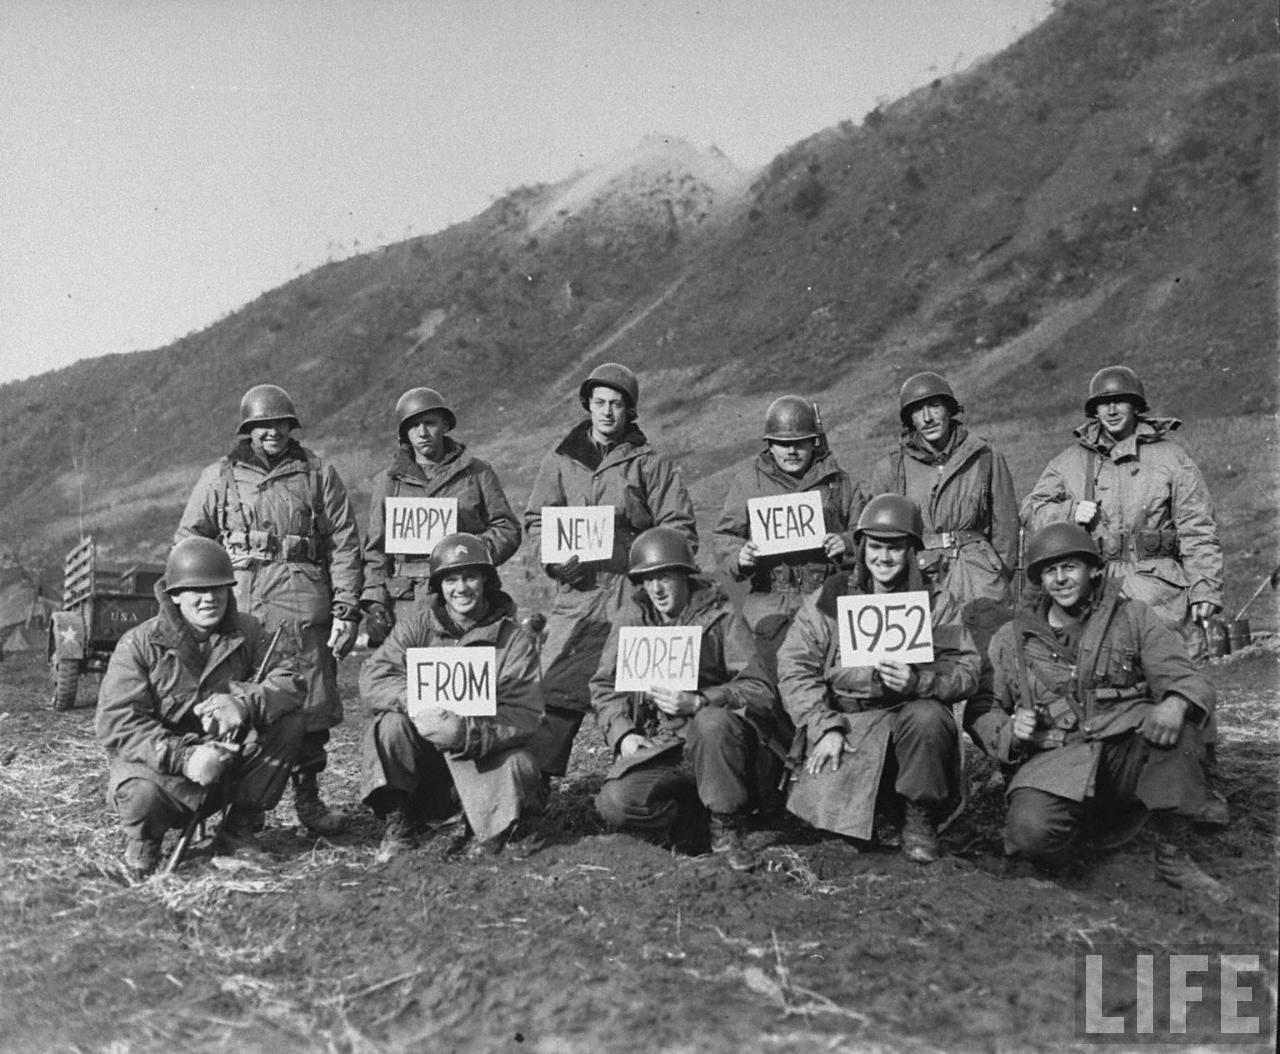 newyear第19歩兵連隊Kumsong